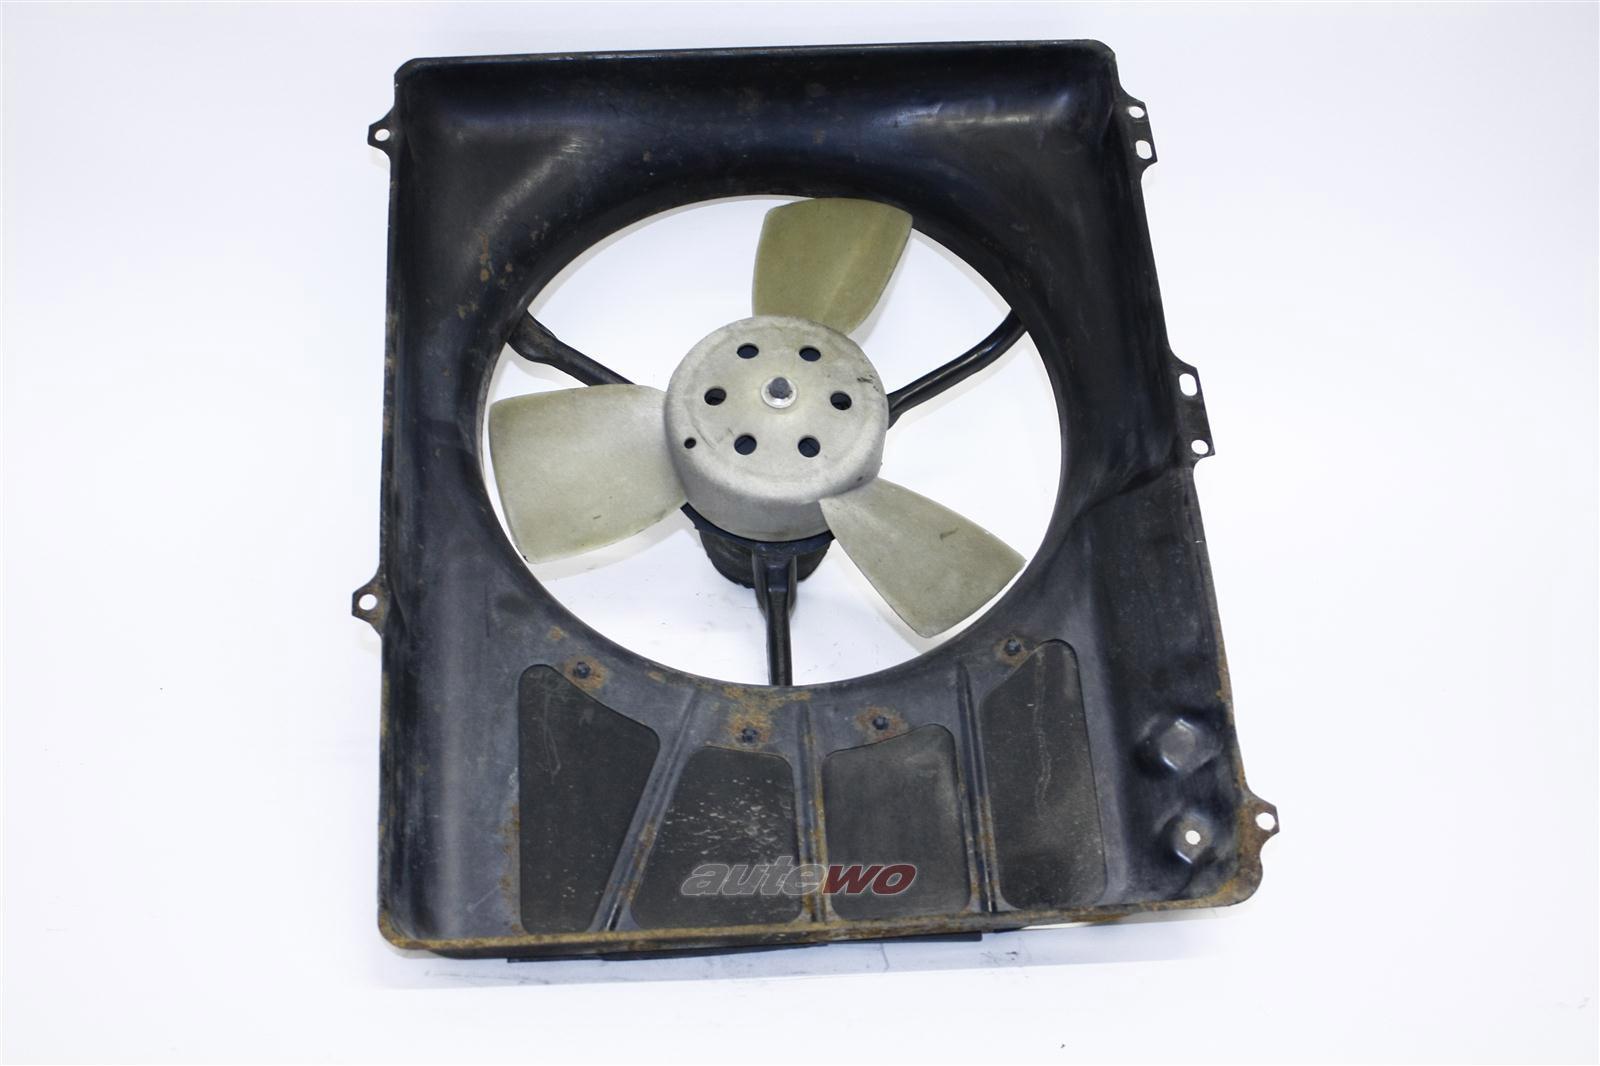 Audi 80/90 Typ 81/85/89/B4 2.0-2.3l Elektrolüfter + Lüfterring 323959455A & 893121207A 431959455A